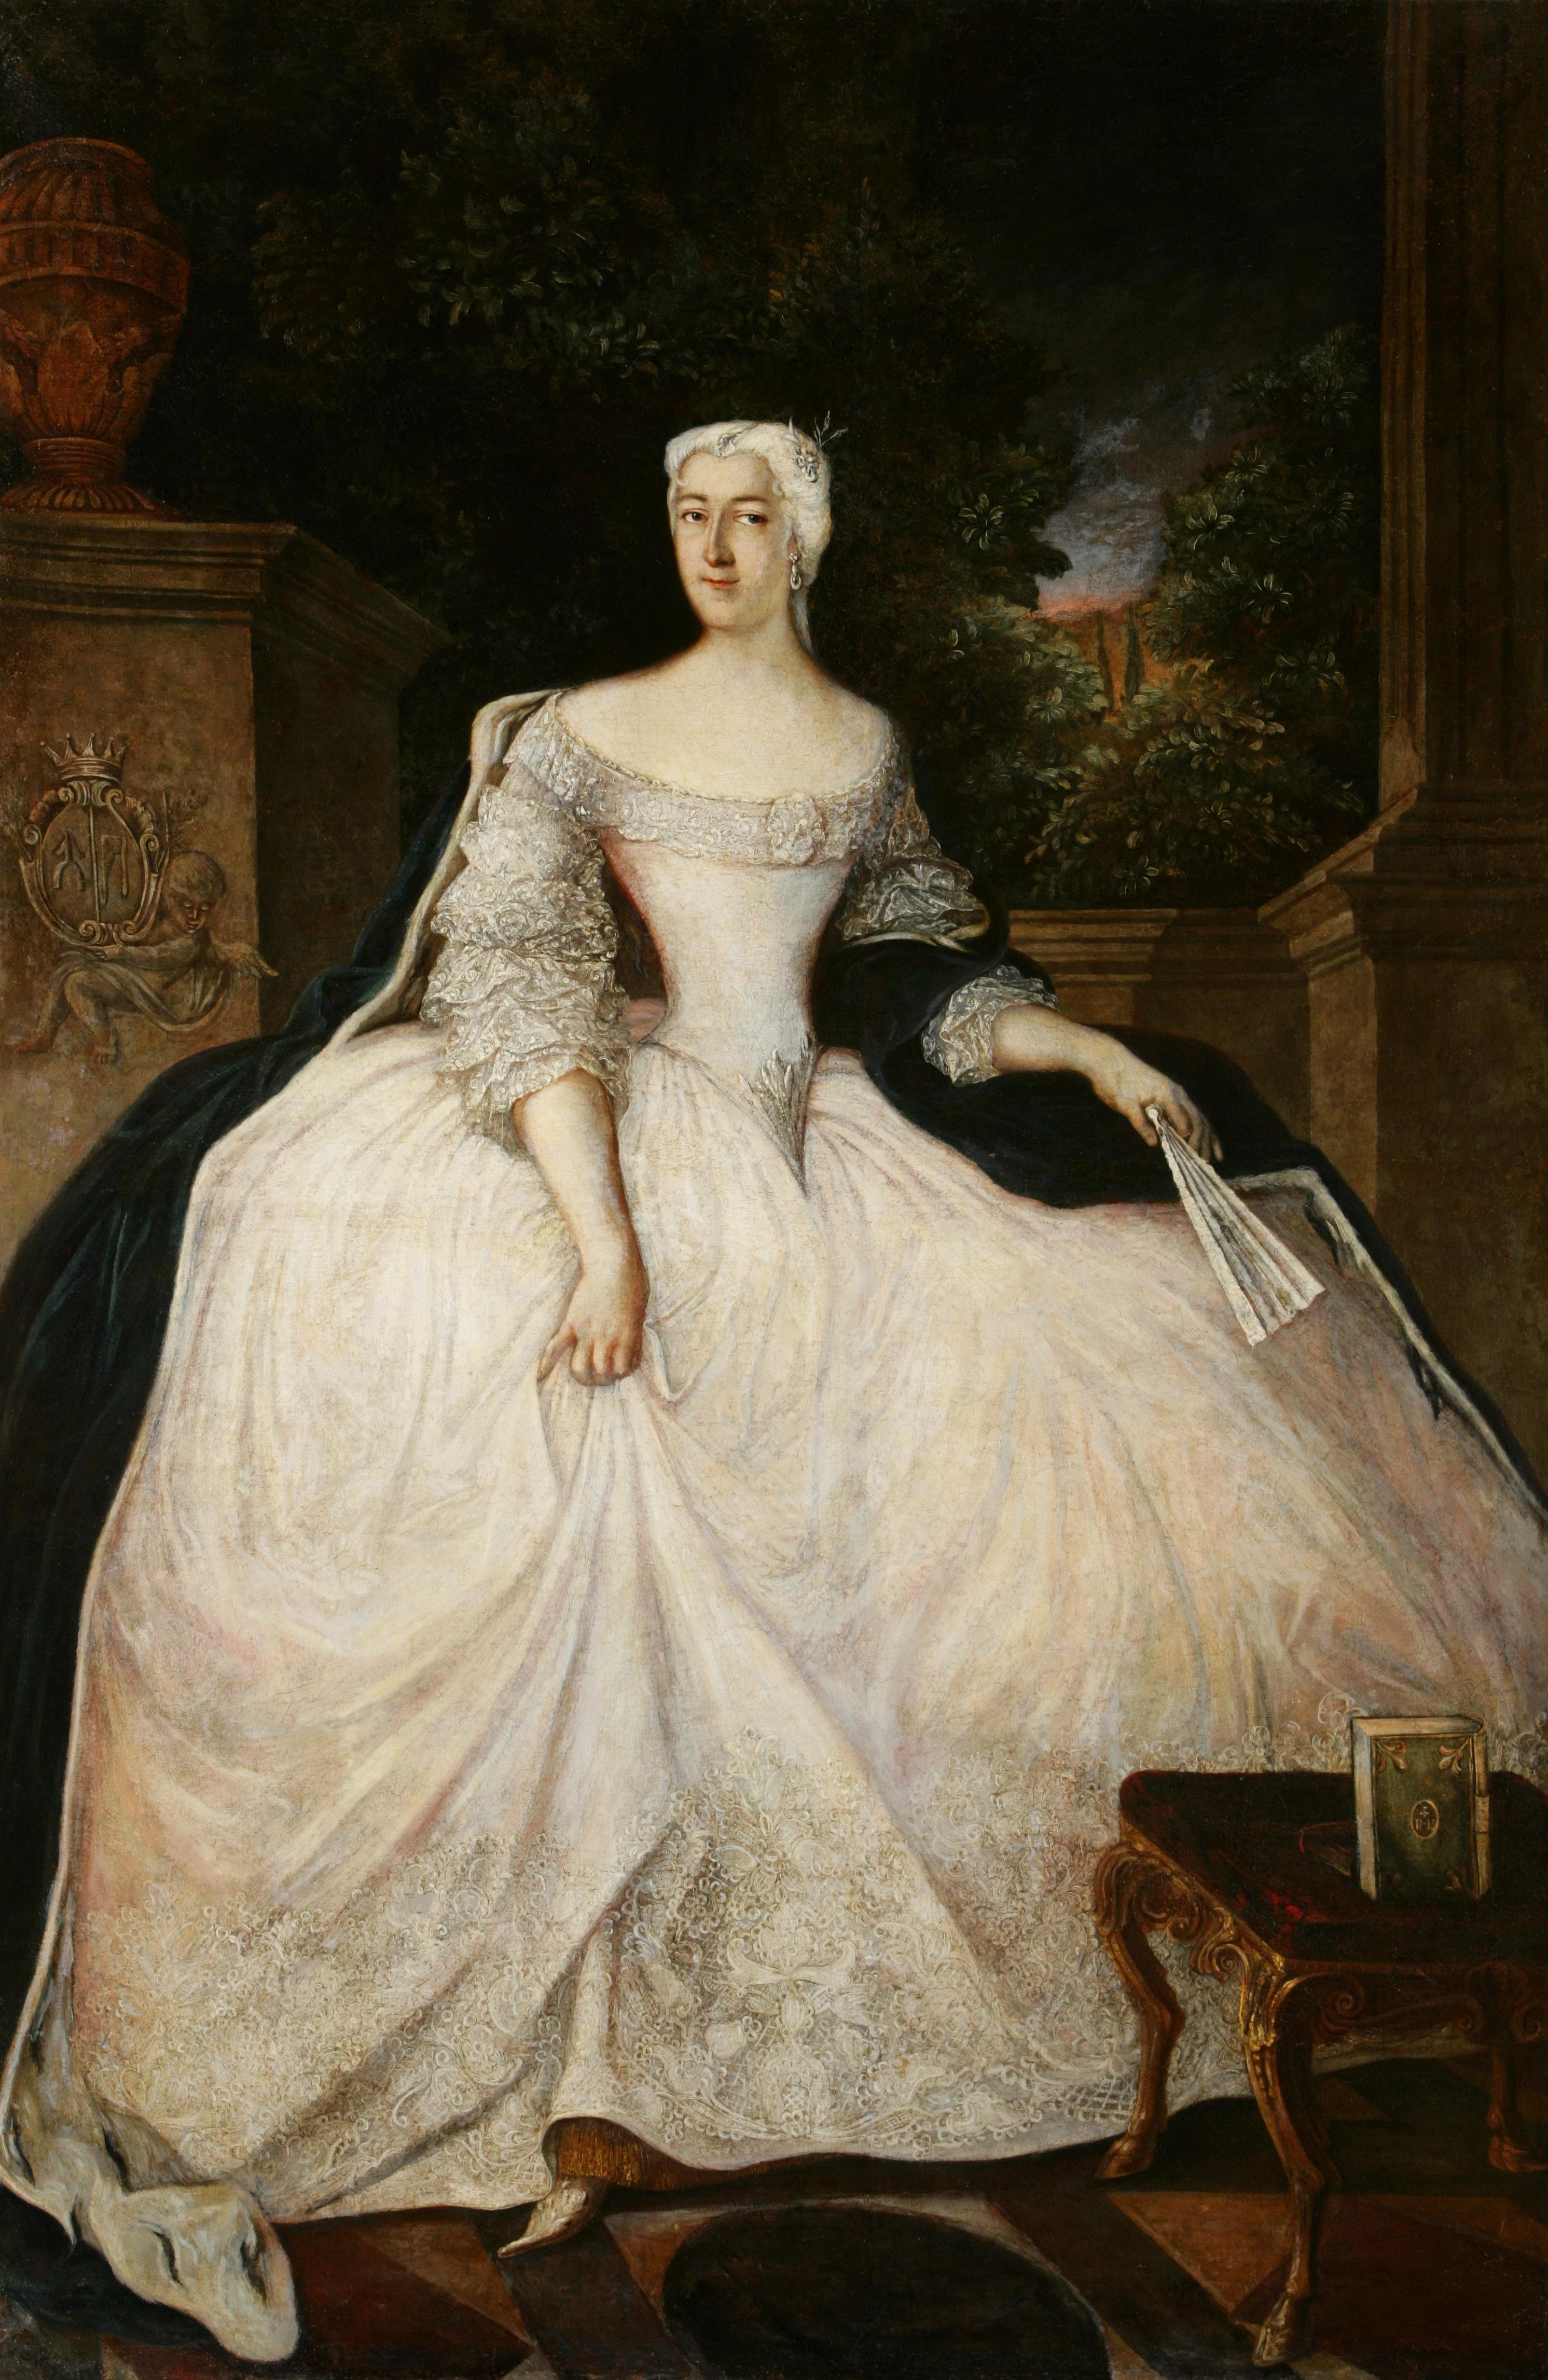 Biała Dama (źródło: Wikimedia Commons)